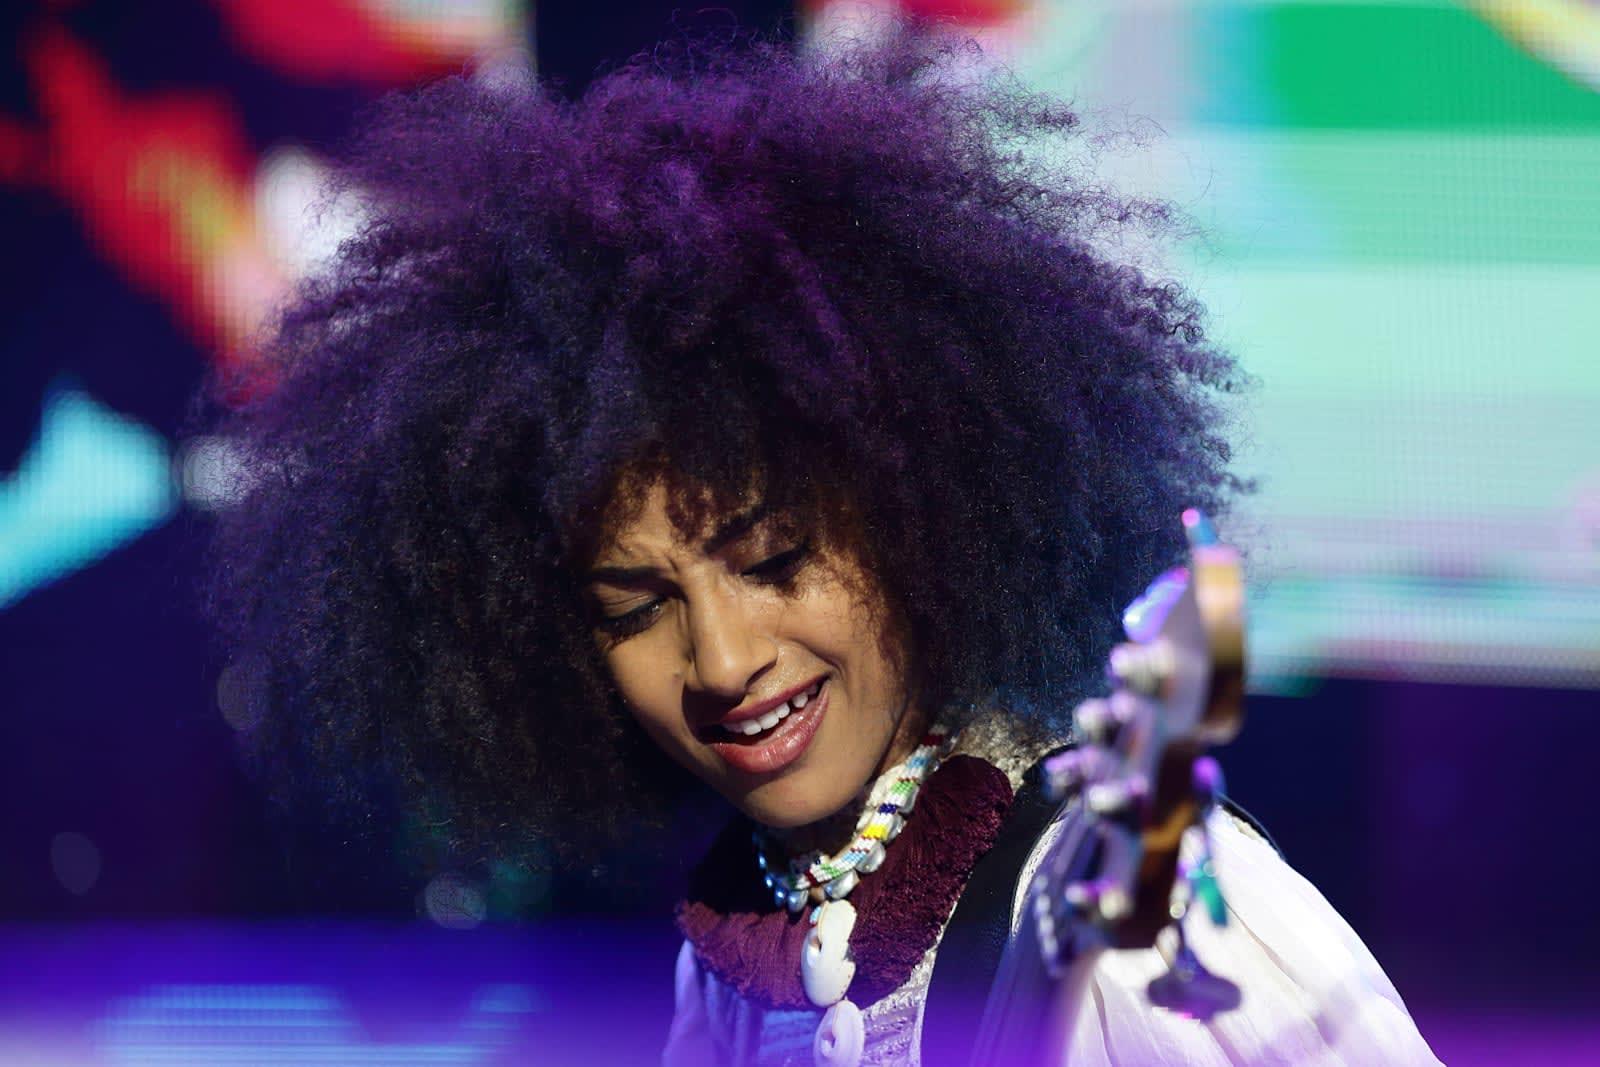 Jazz star Esperanza Spalding to record an album on Facebook Live